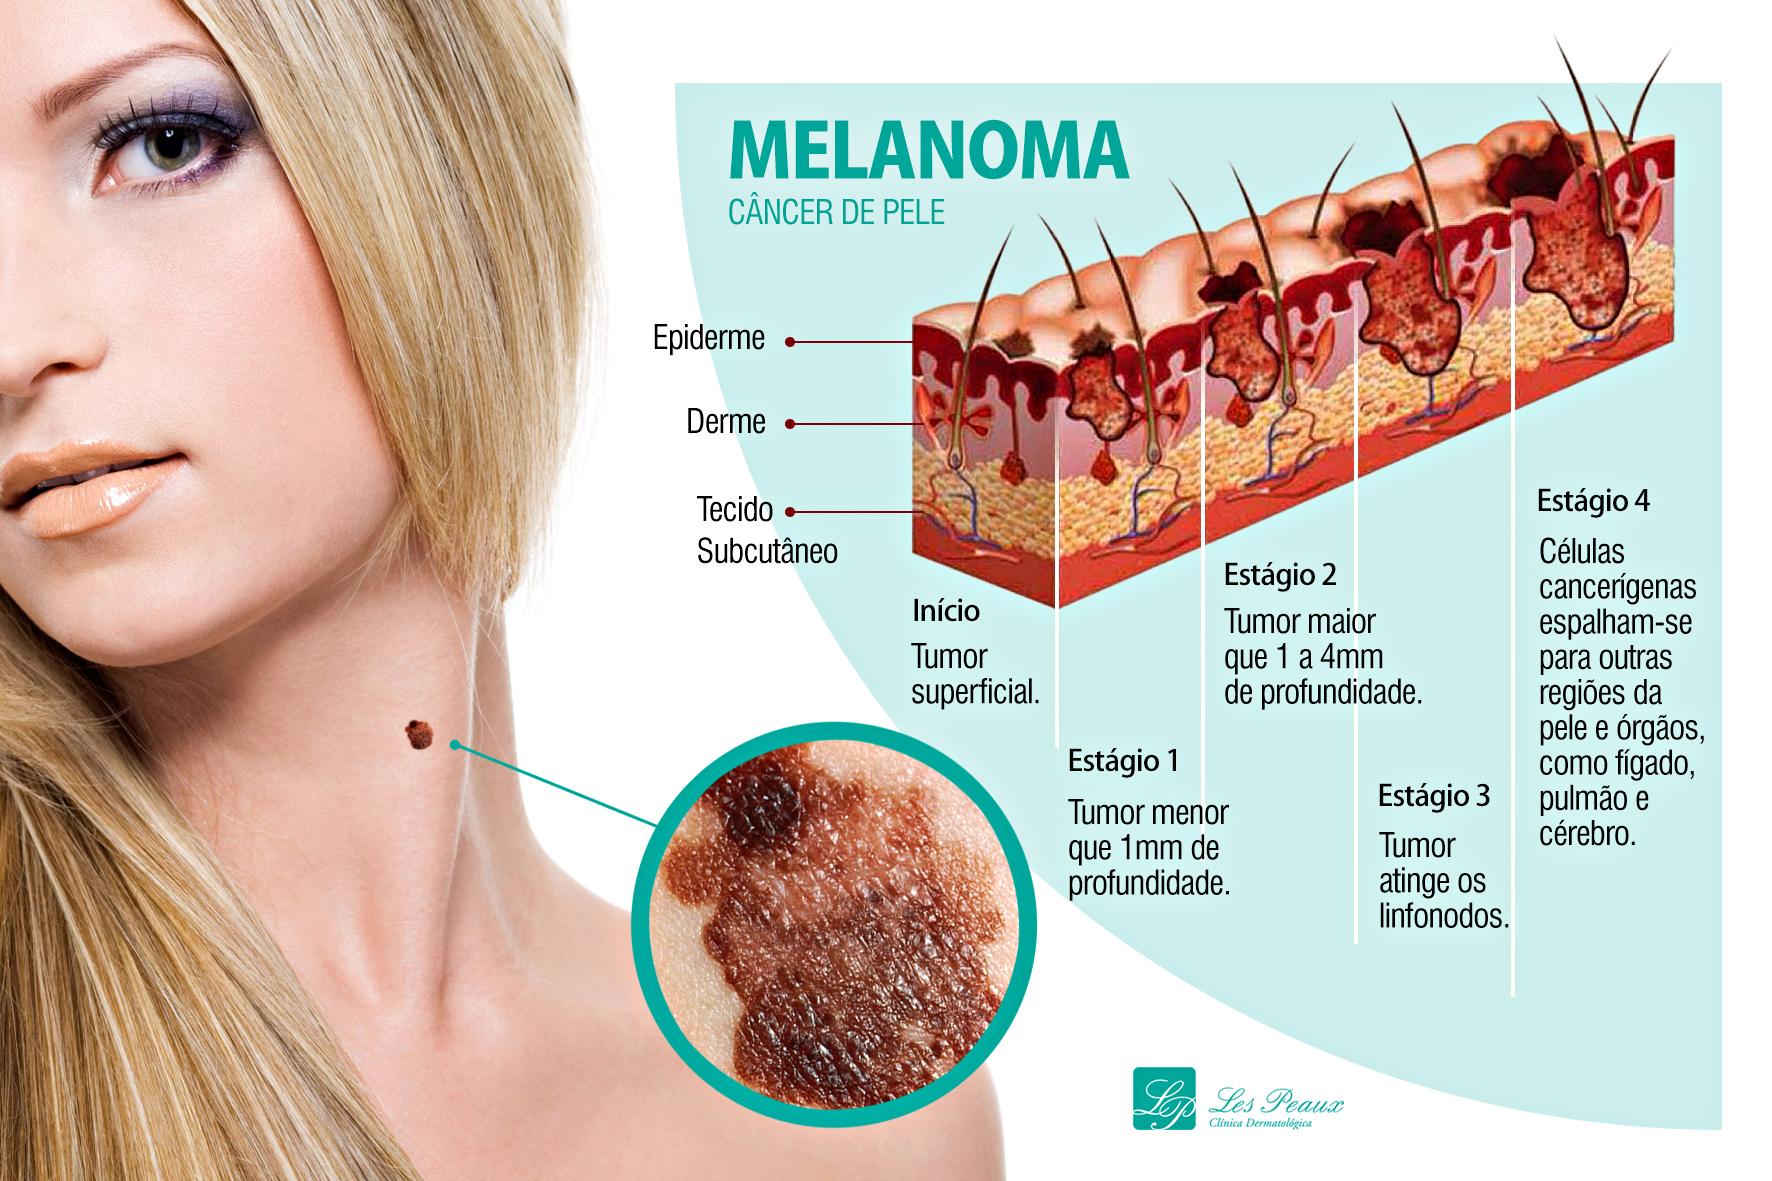 Câncer de pele é o que tem maior incidência no país